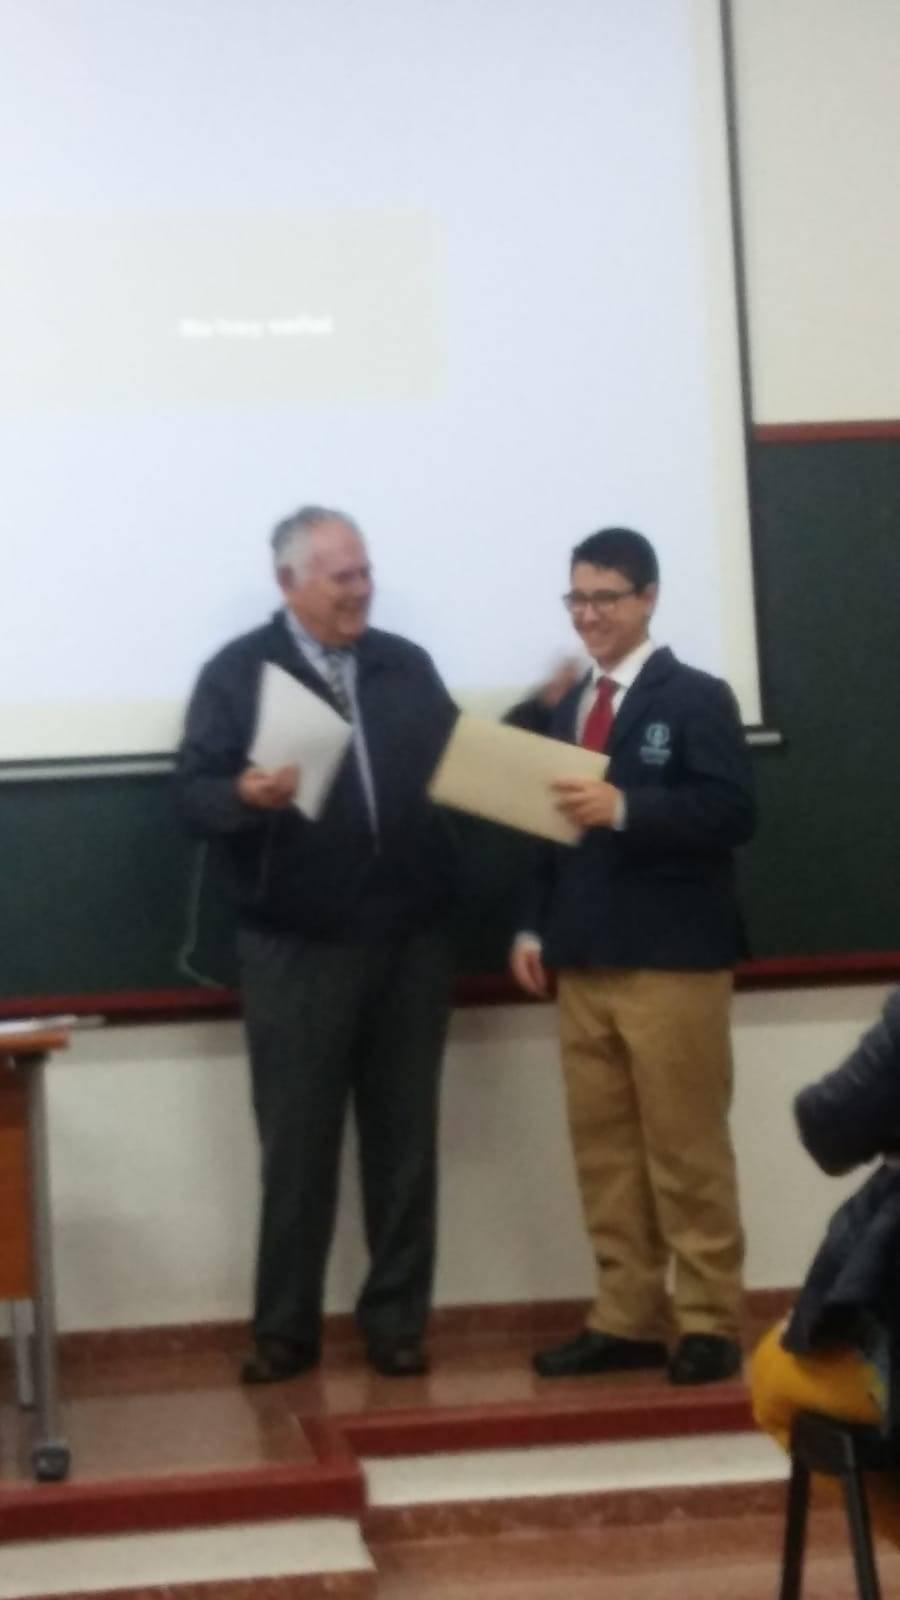 Juan Garcia gana el concurso de relatos de la asociacion amigos del seminario1 - Jóvenes de la parroquia de Herencia premiados por la asociación de Amigos del Seminario